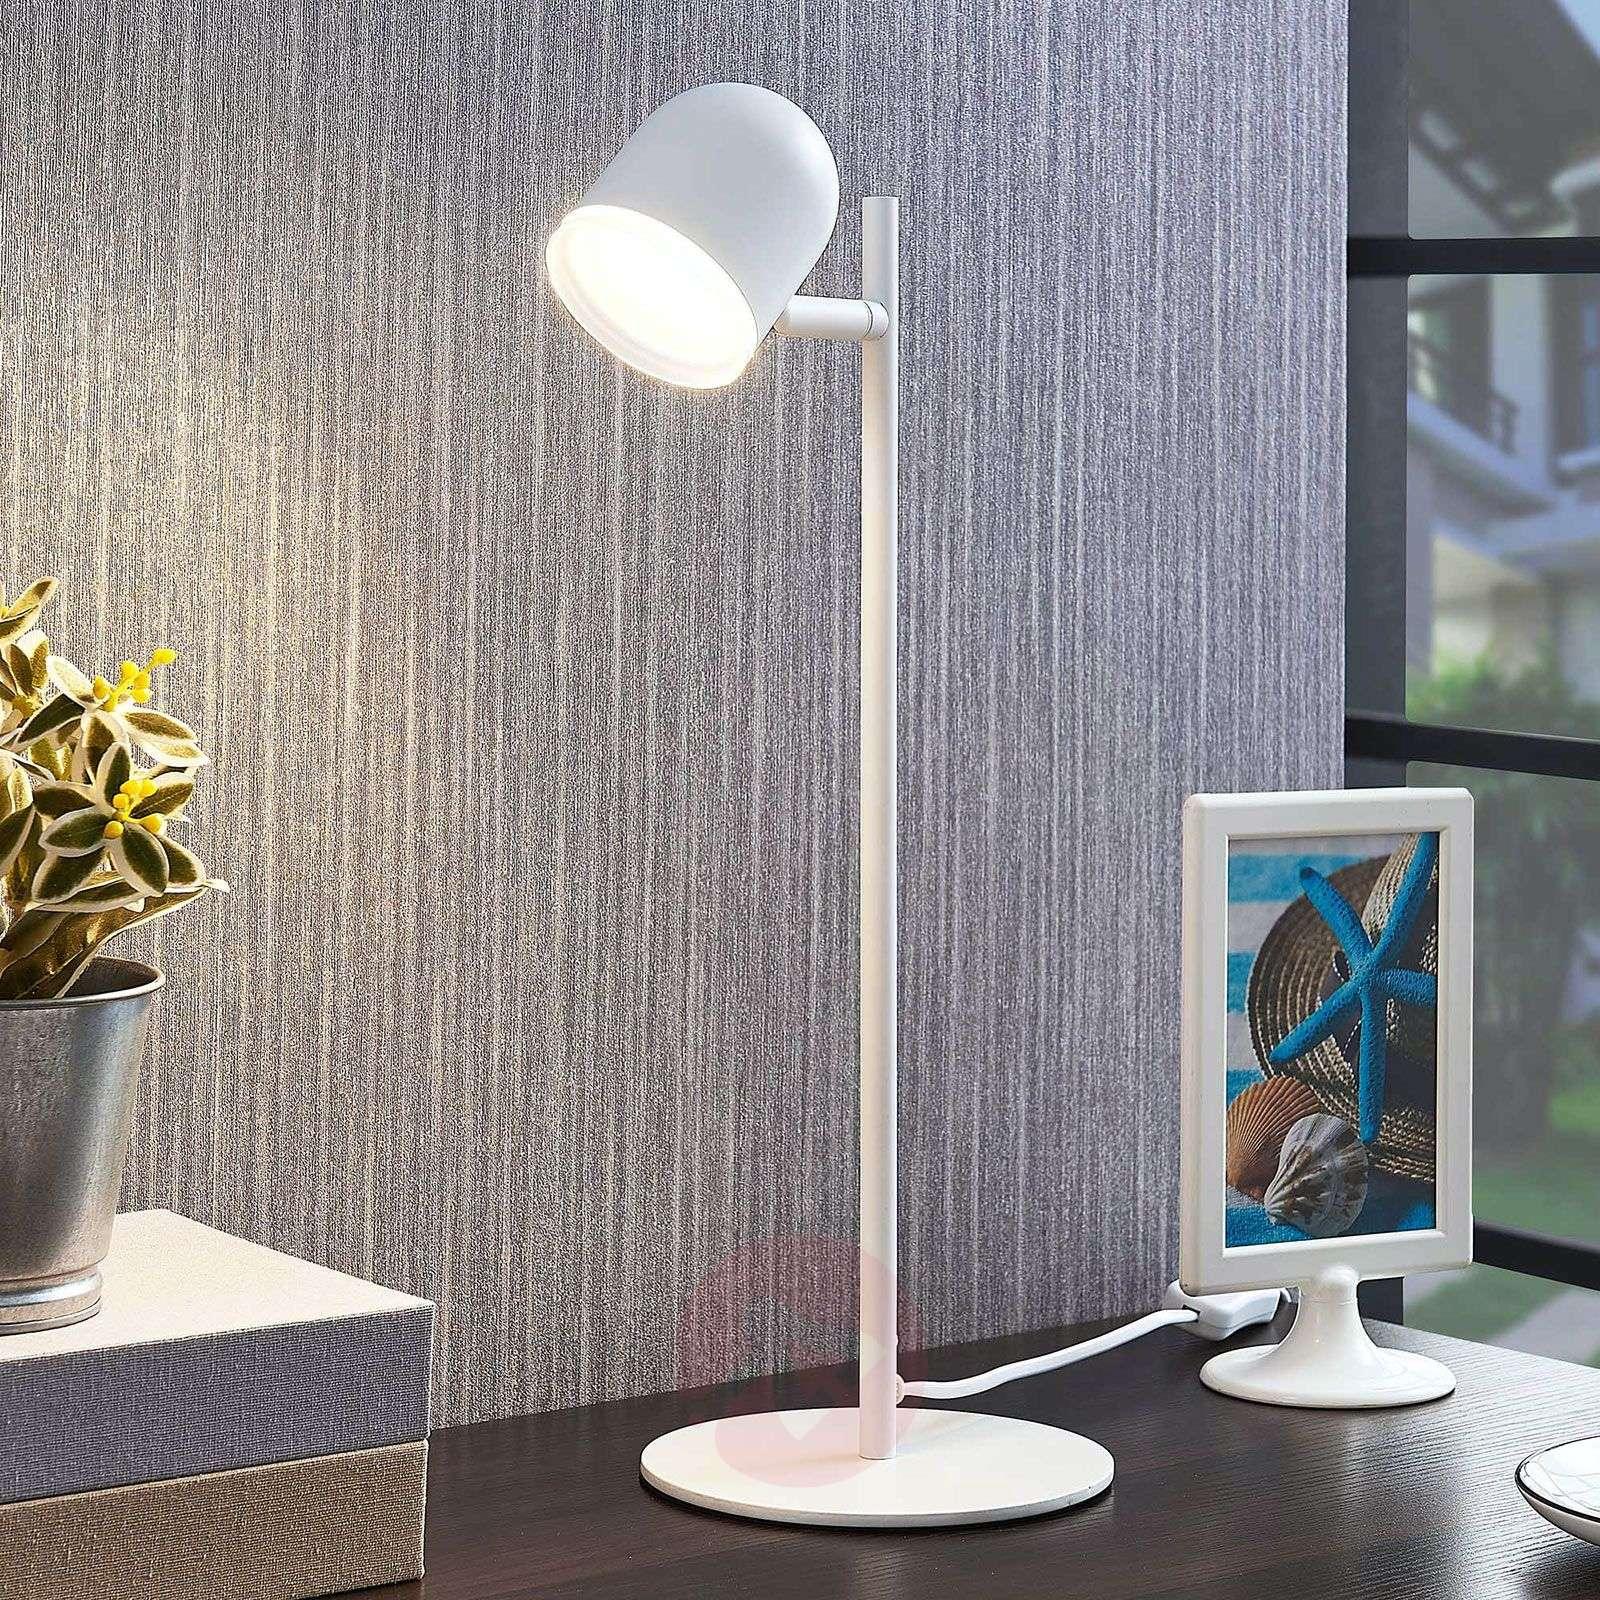 LED-pöytälamppu Ilka, valkoinen, kytkin-9643087-04